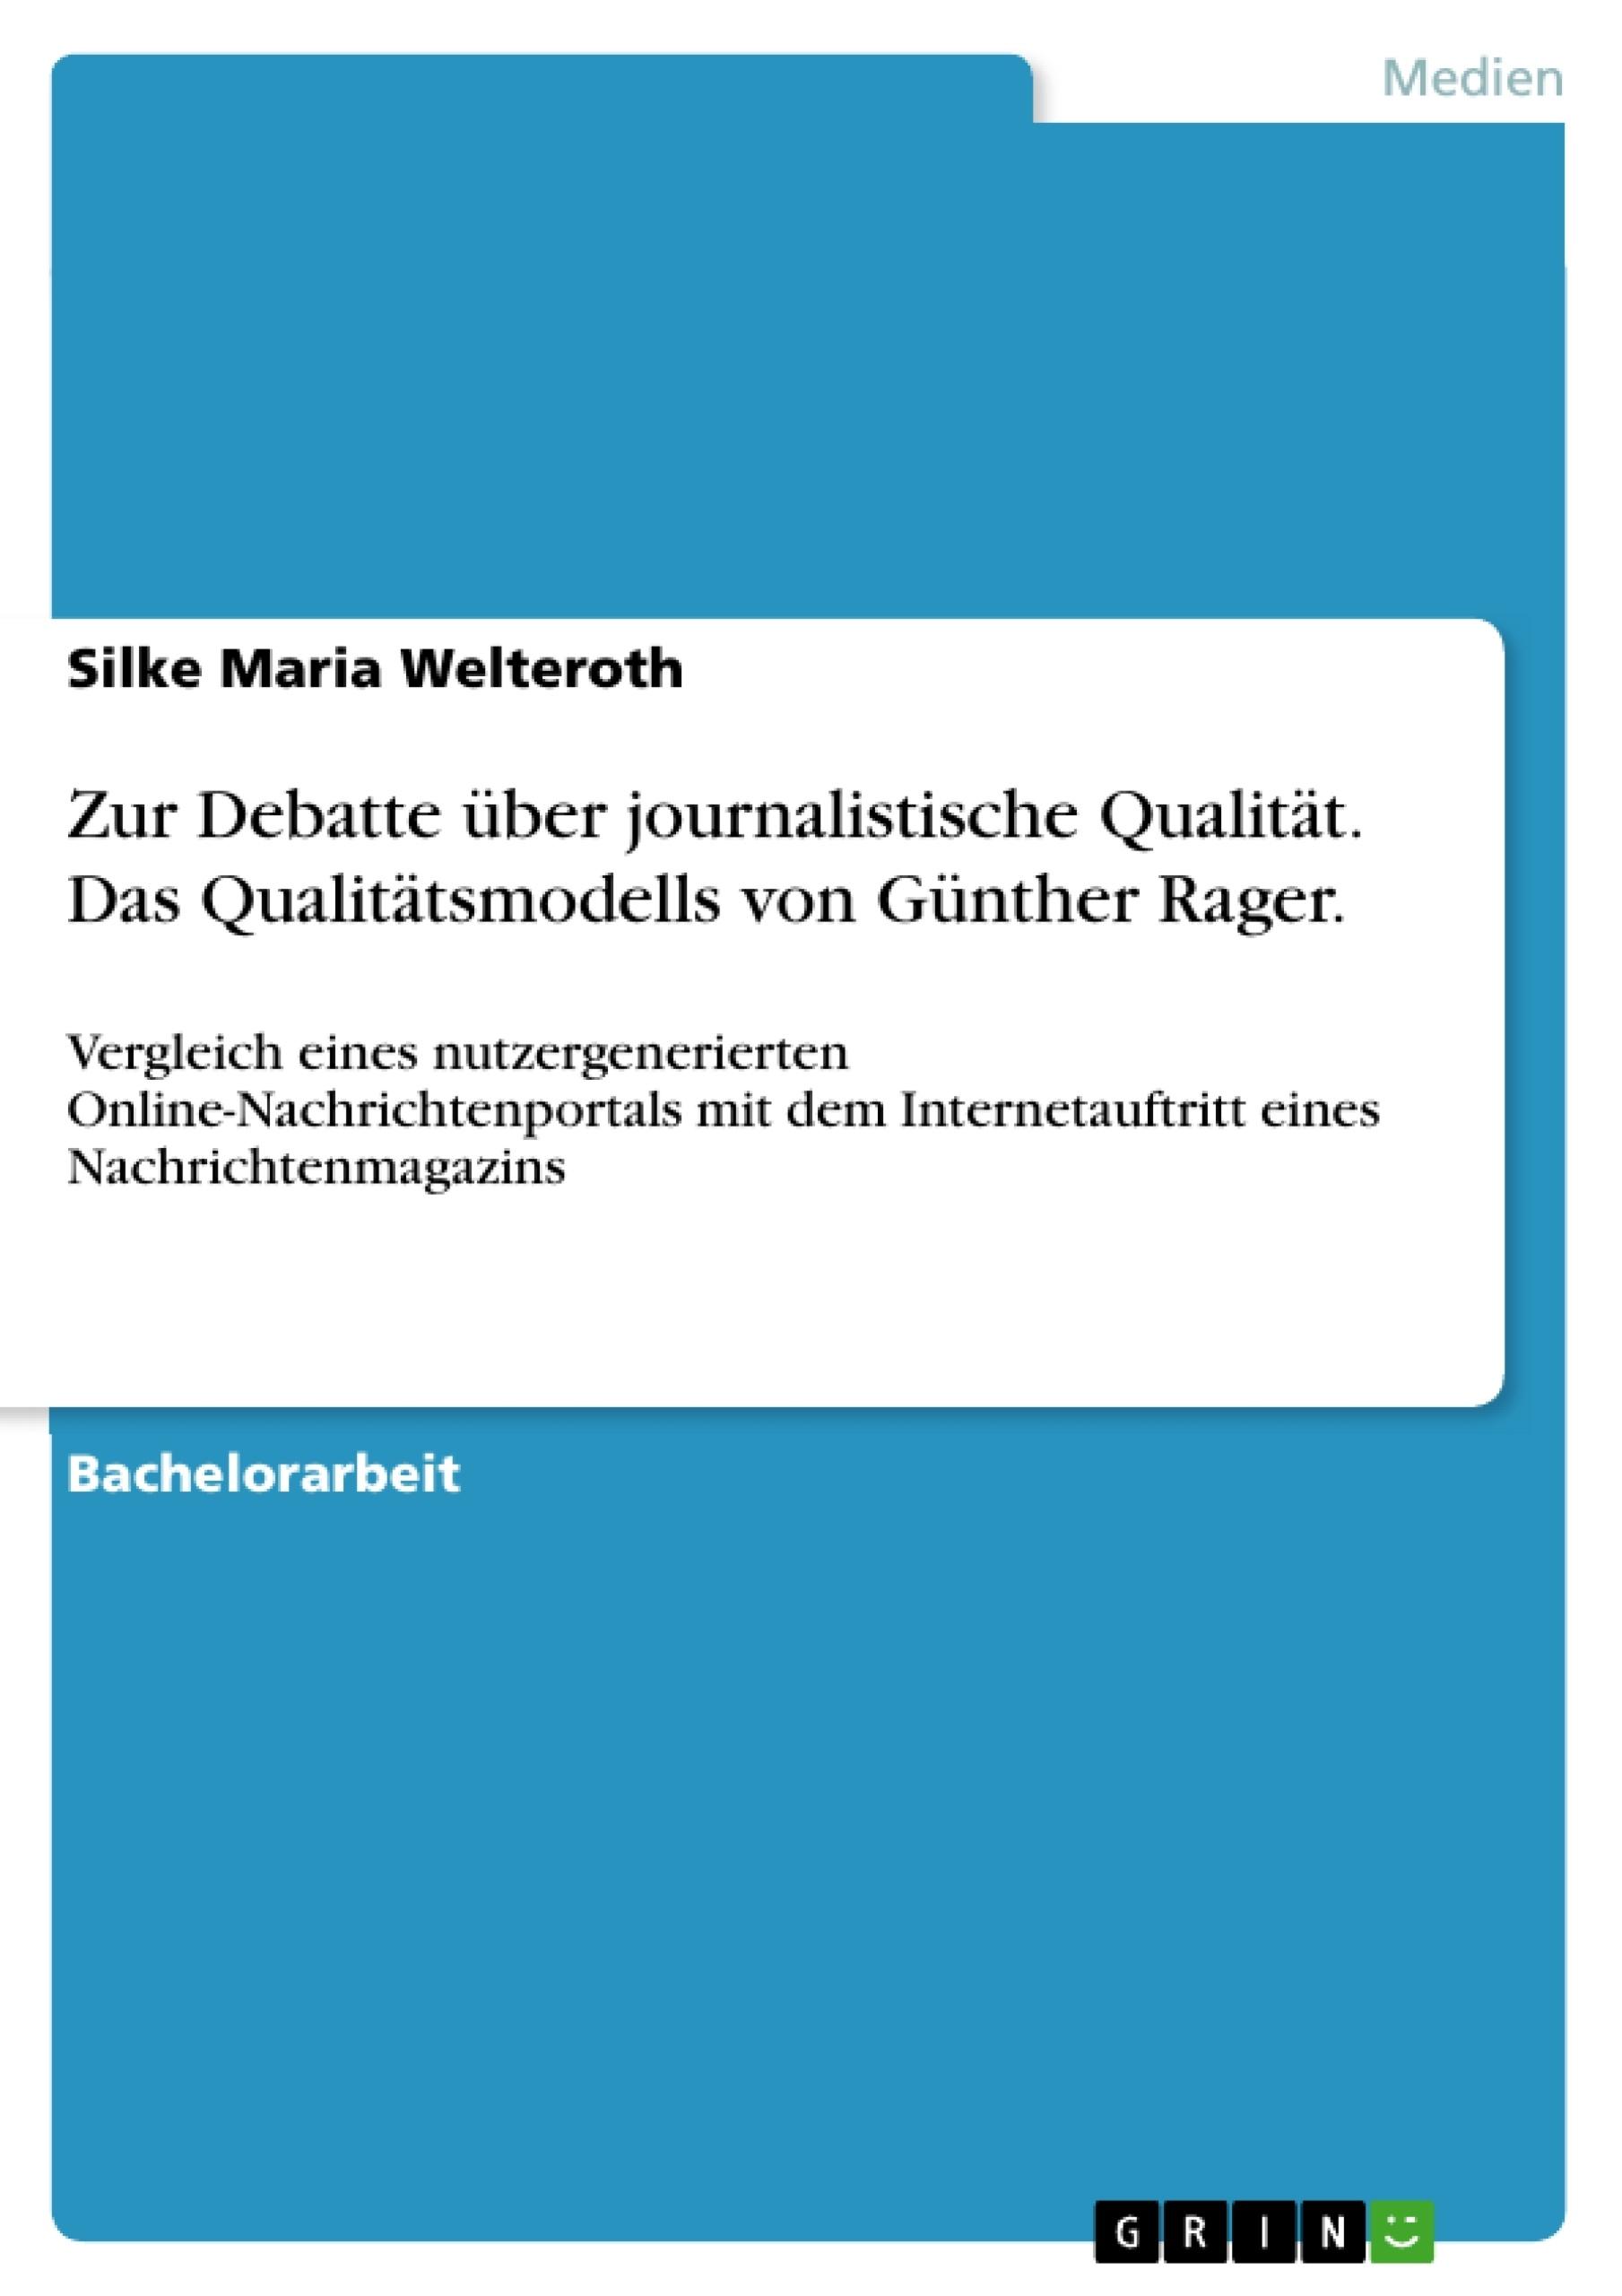 Titel: Zur Debatte über journalistische Qualität. Das Qualitätsmodells von Günther Rager.